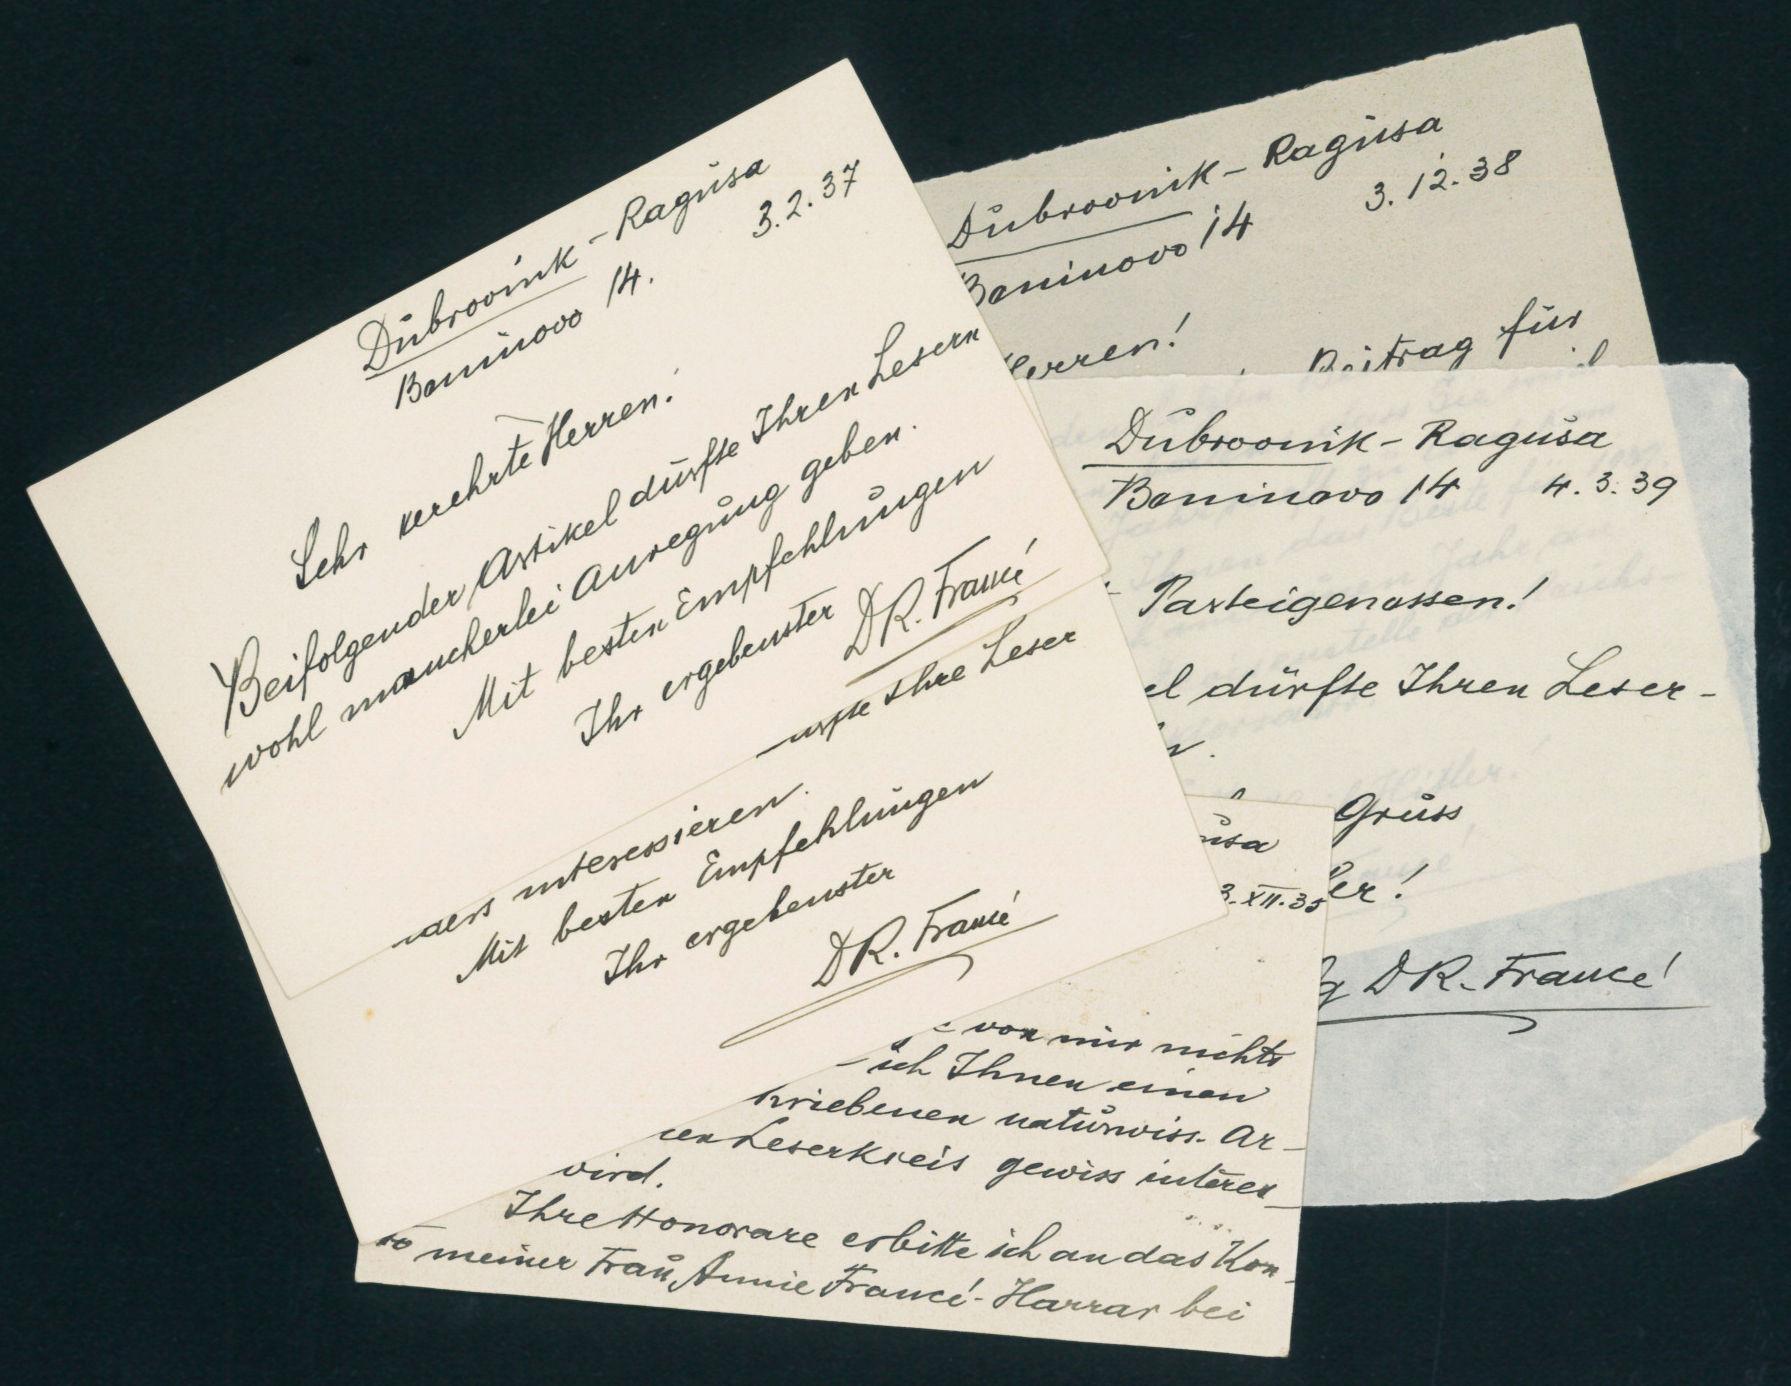 Briefe Und Postkarten 2018 : Thema anzeigen originale briefe und postkarten von raoul